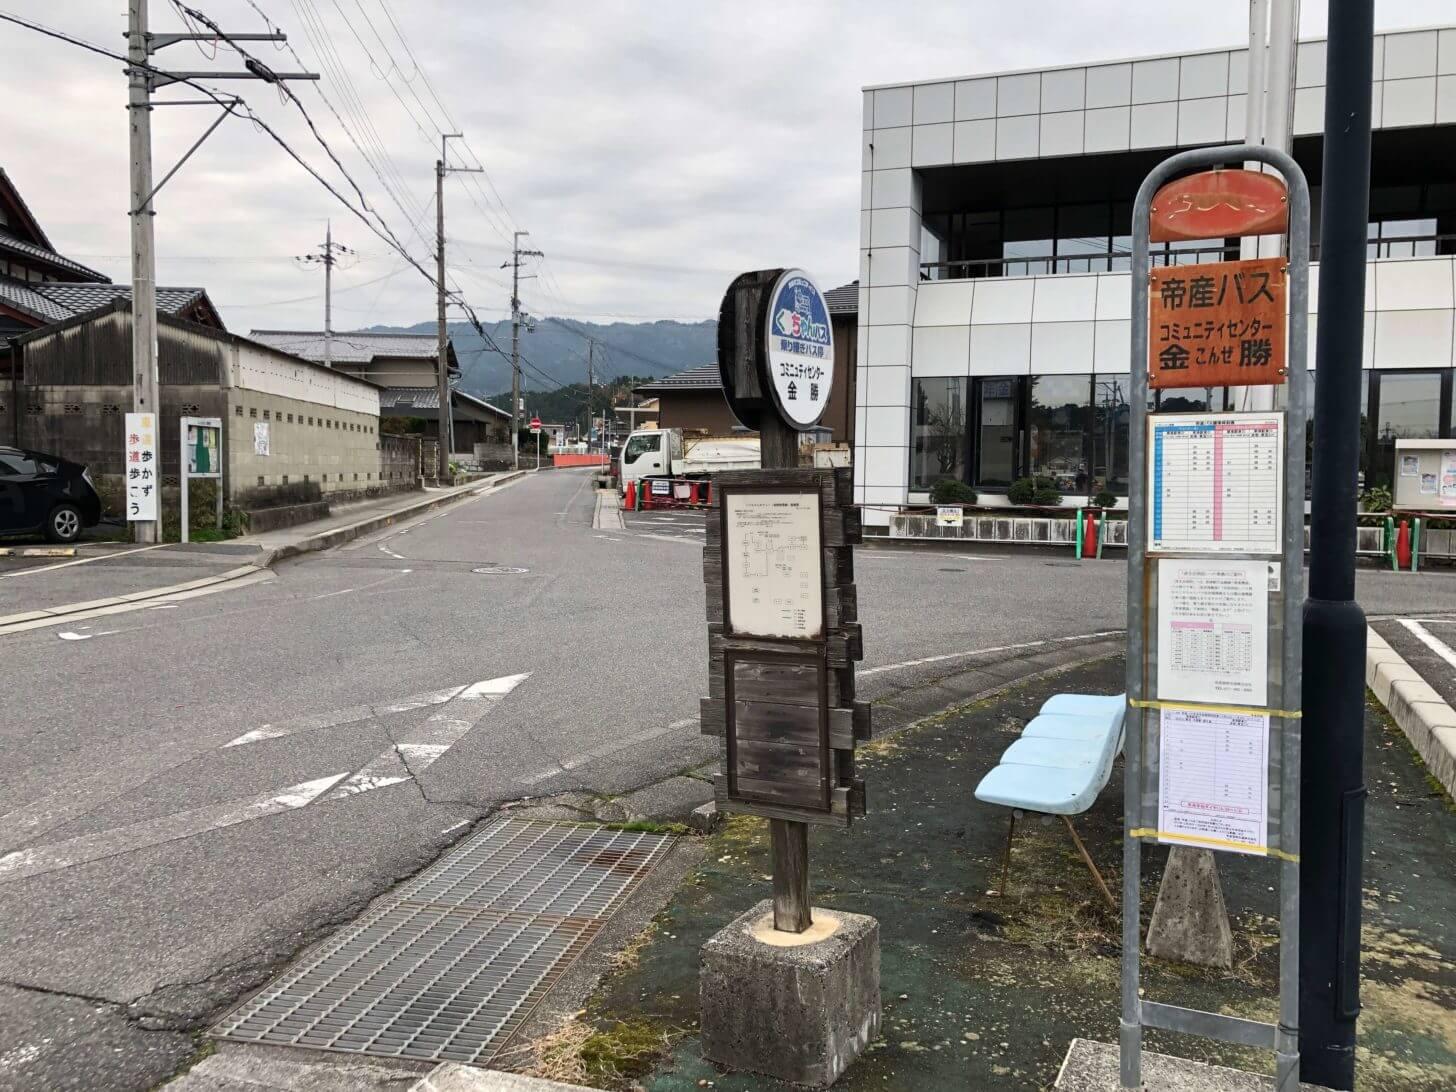 コミュニティセンター金勝バス停から大野神社へ